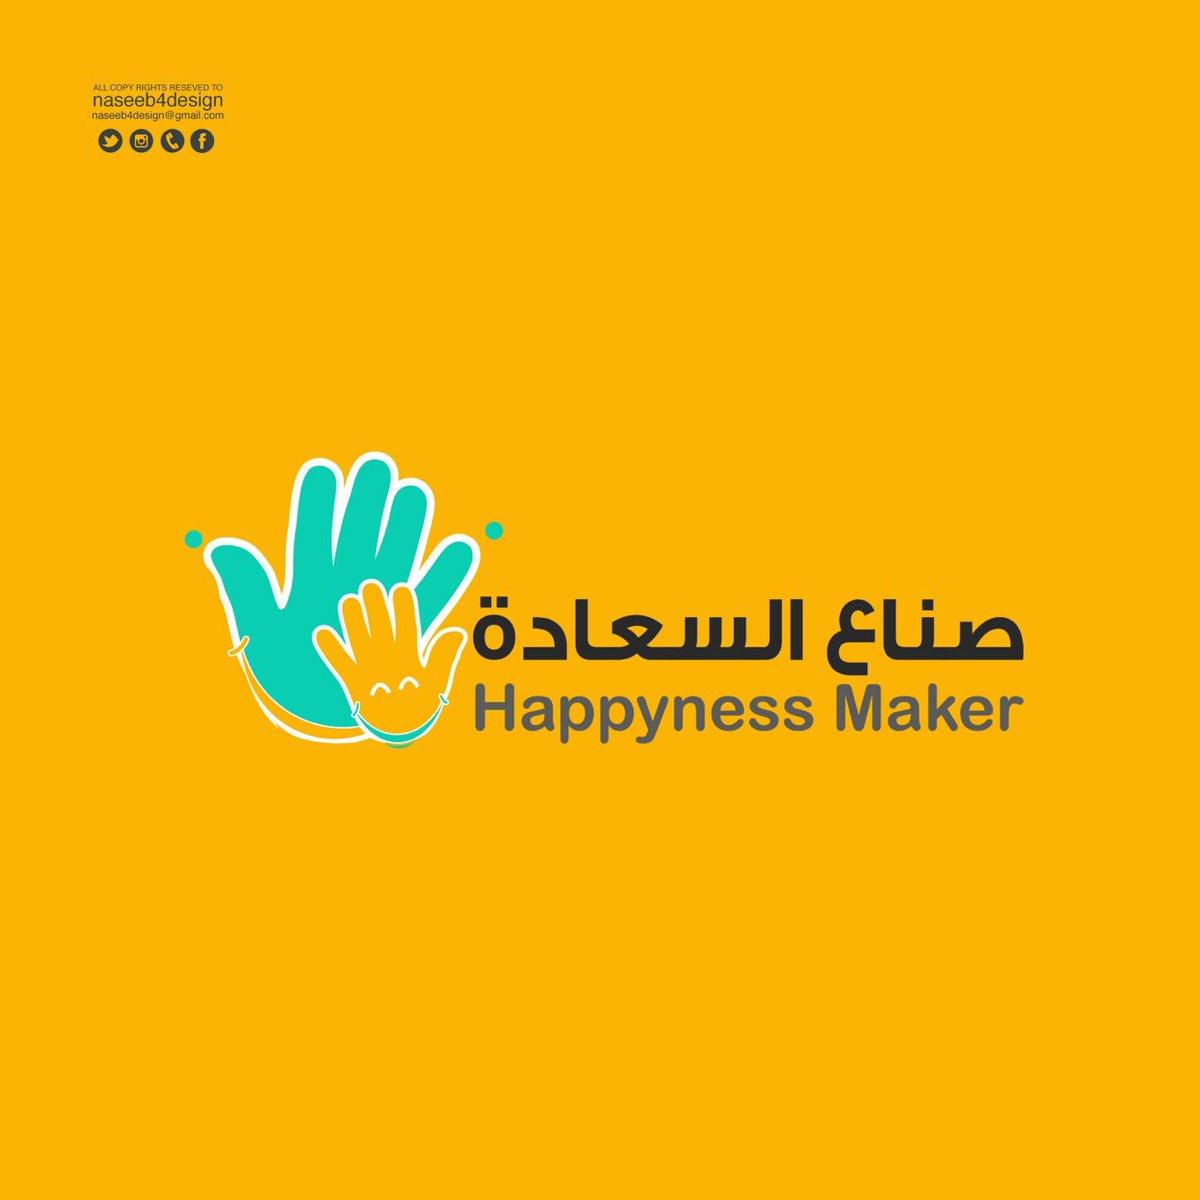 Naseeb Ali Al Amri On Twitter هوية فريق صناع السعادة للعمل